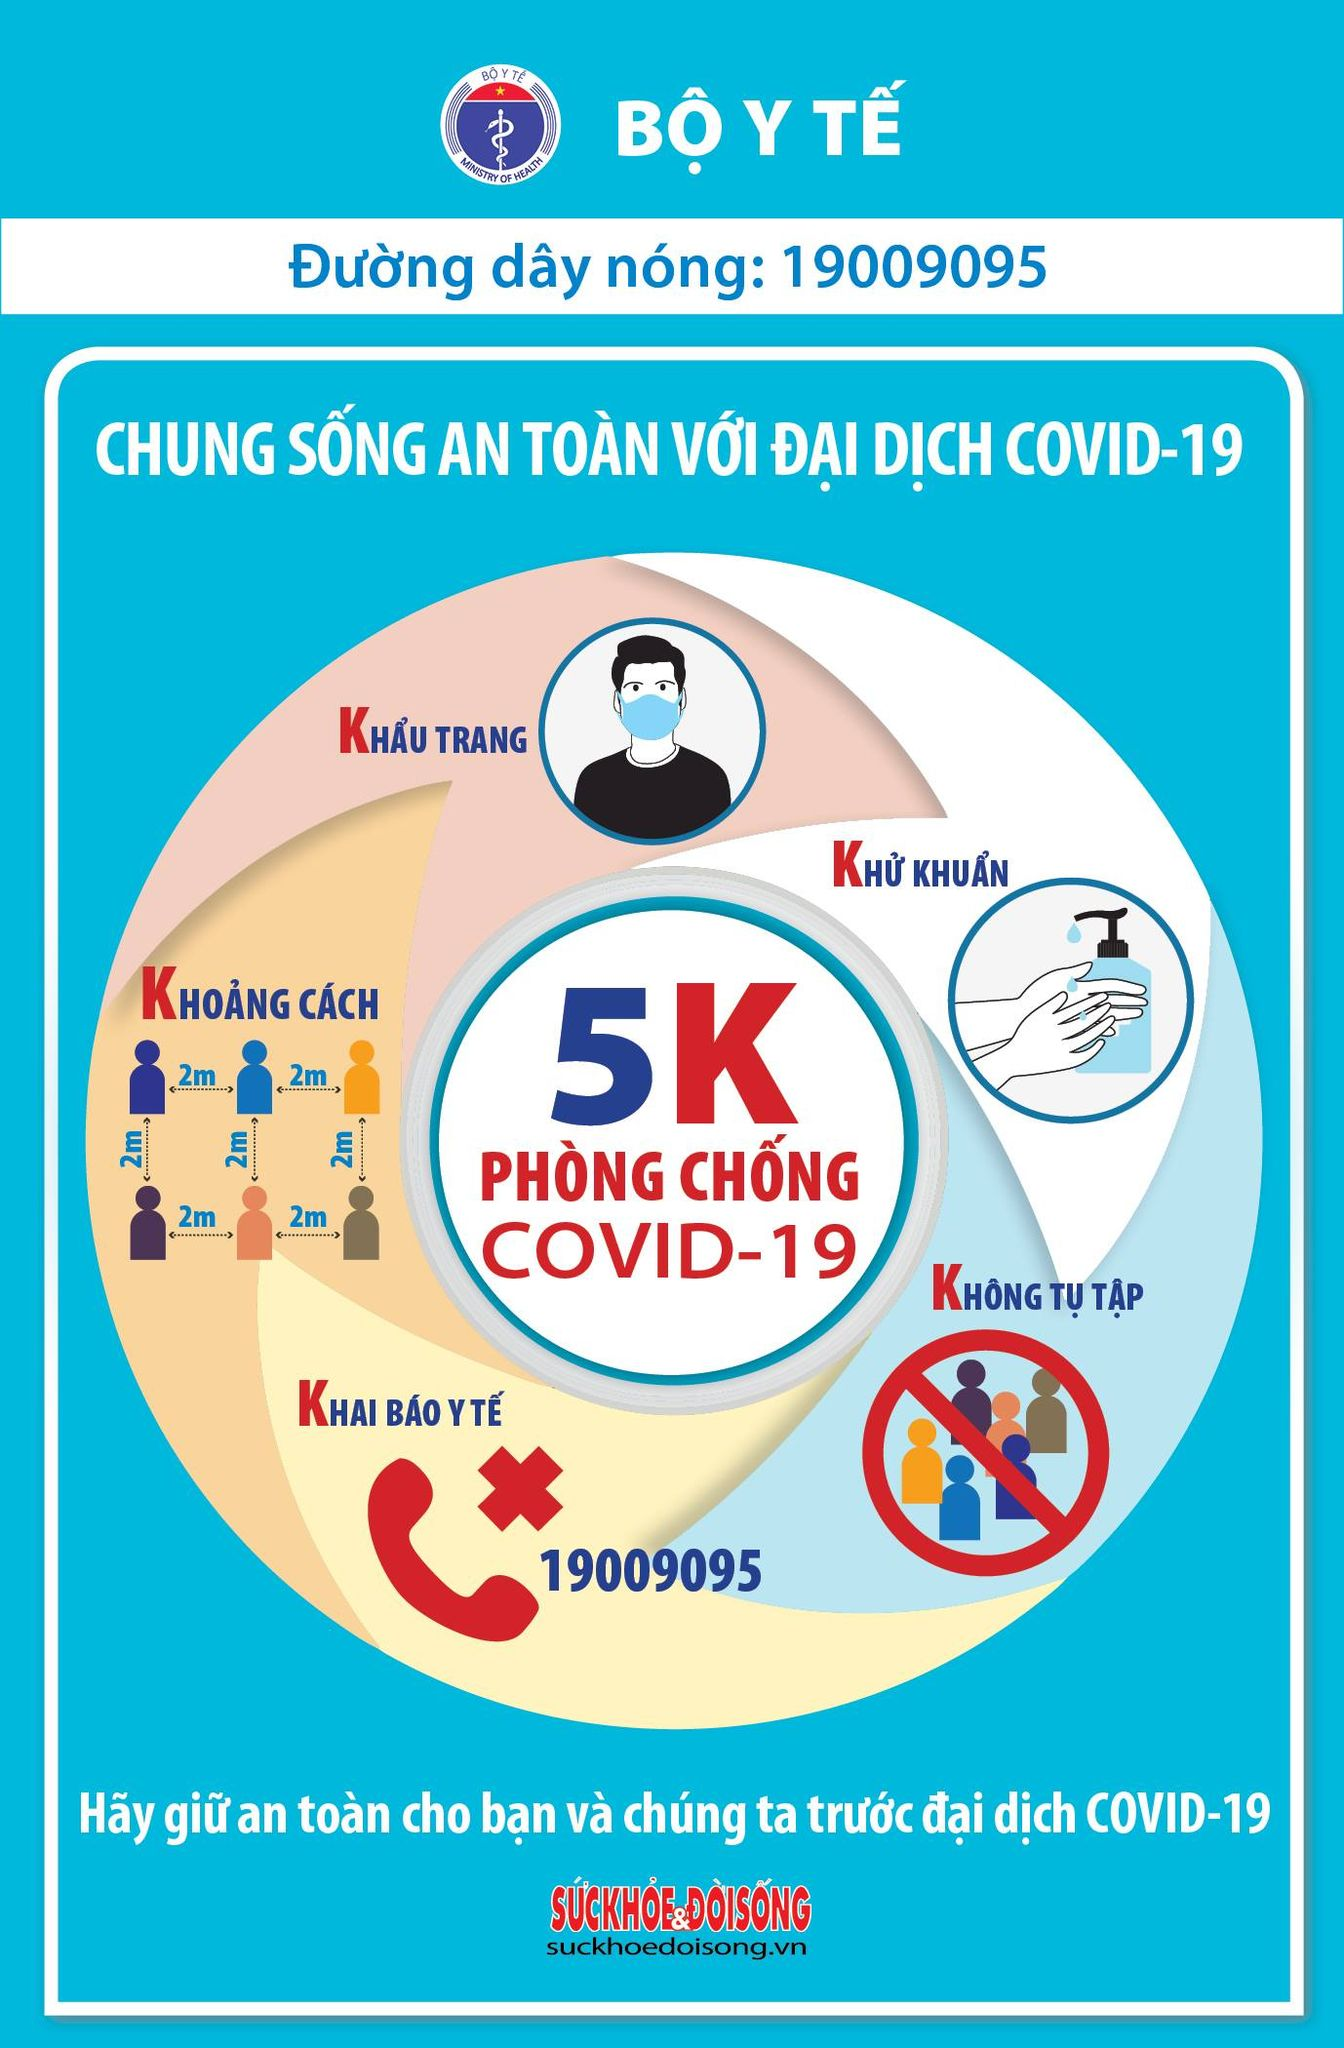 Sáng 2/4, không có bệnh nhân COVID-19; hơn 51.200 người Việt Nam đã tiêm vắc xin - Ảnh 3.